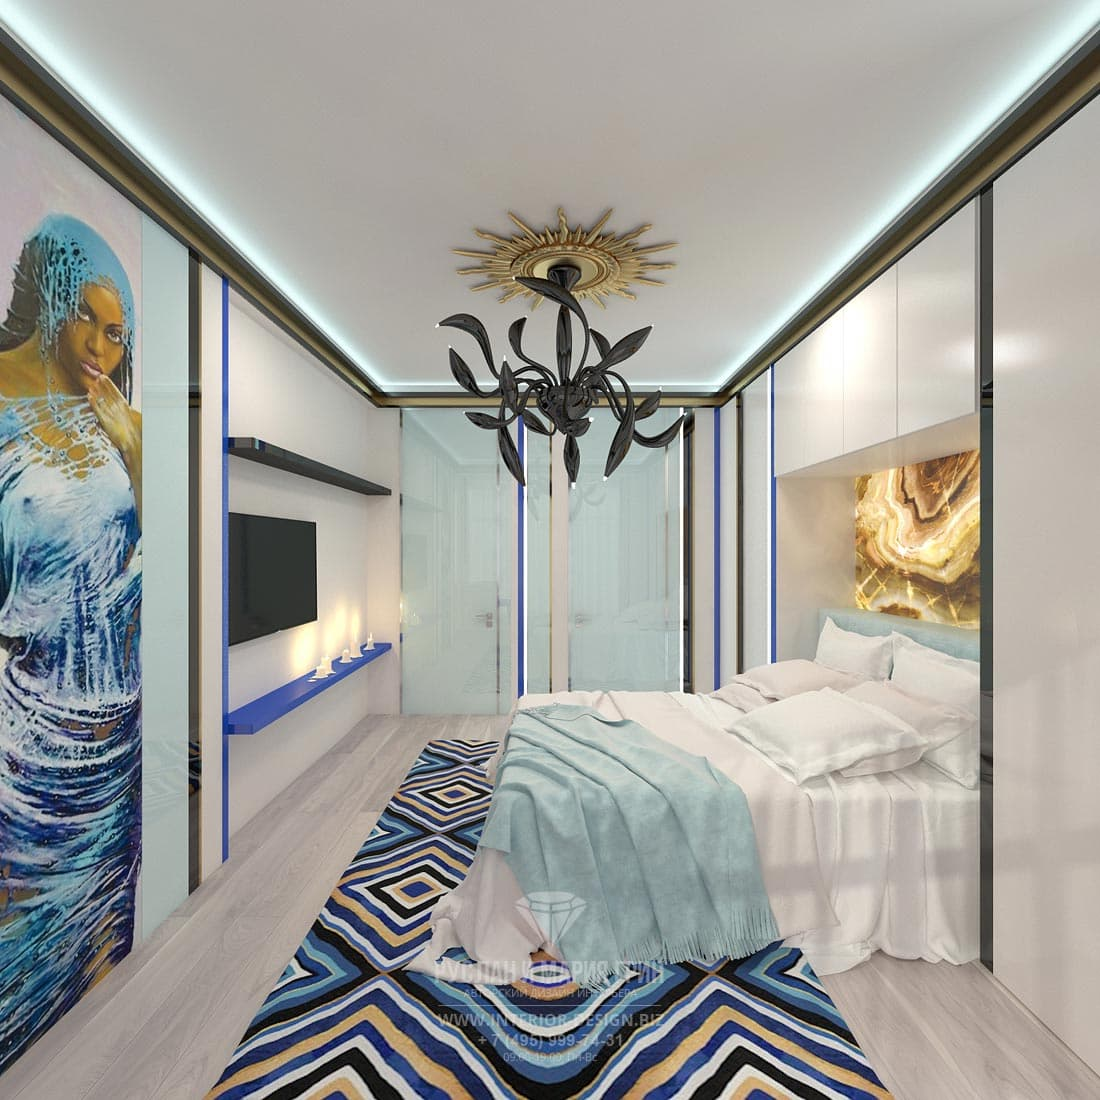 Интерьер спальни со встроенными системами хранения